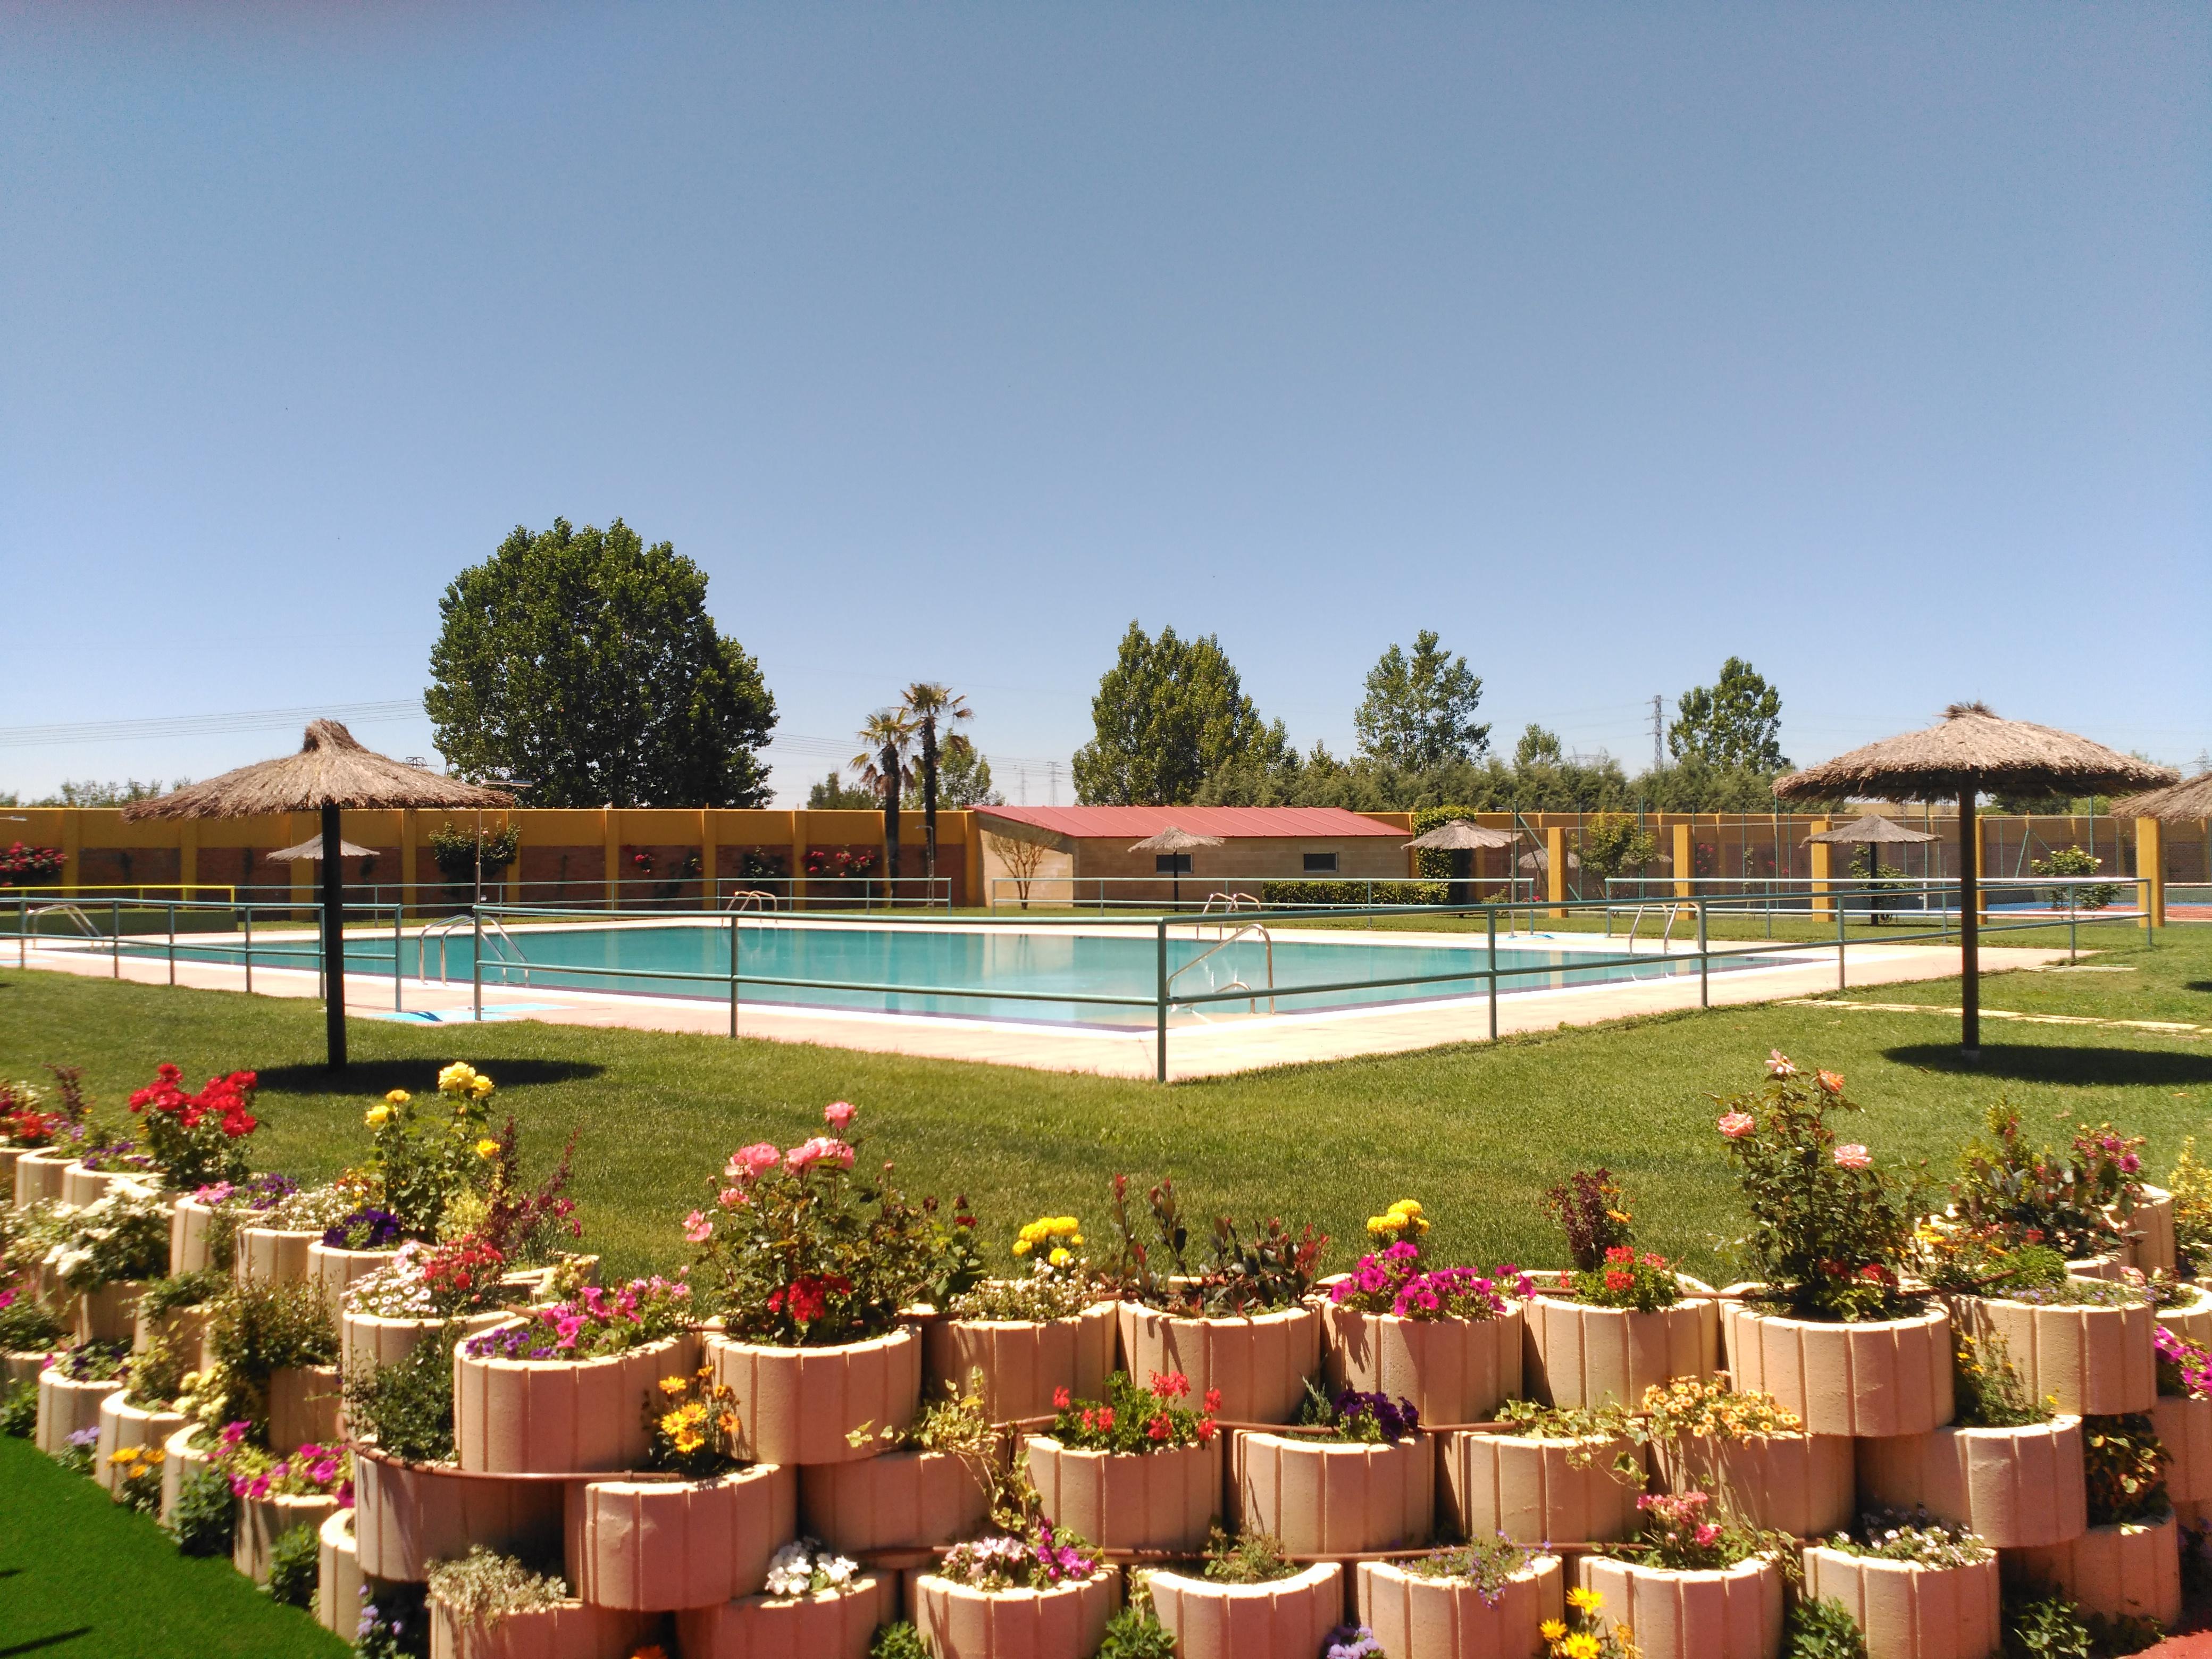 Vista de las piscinas